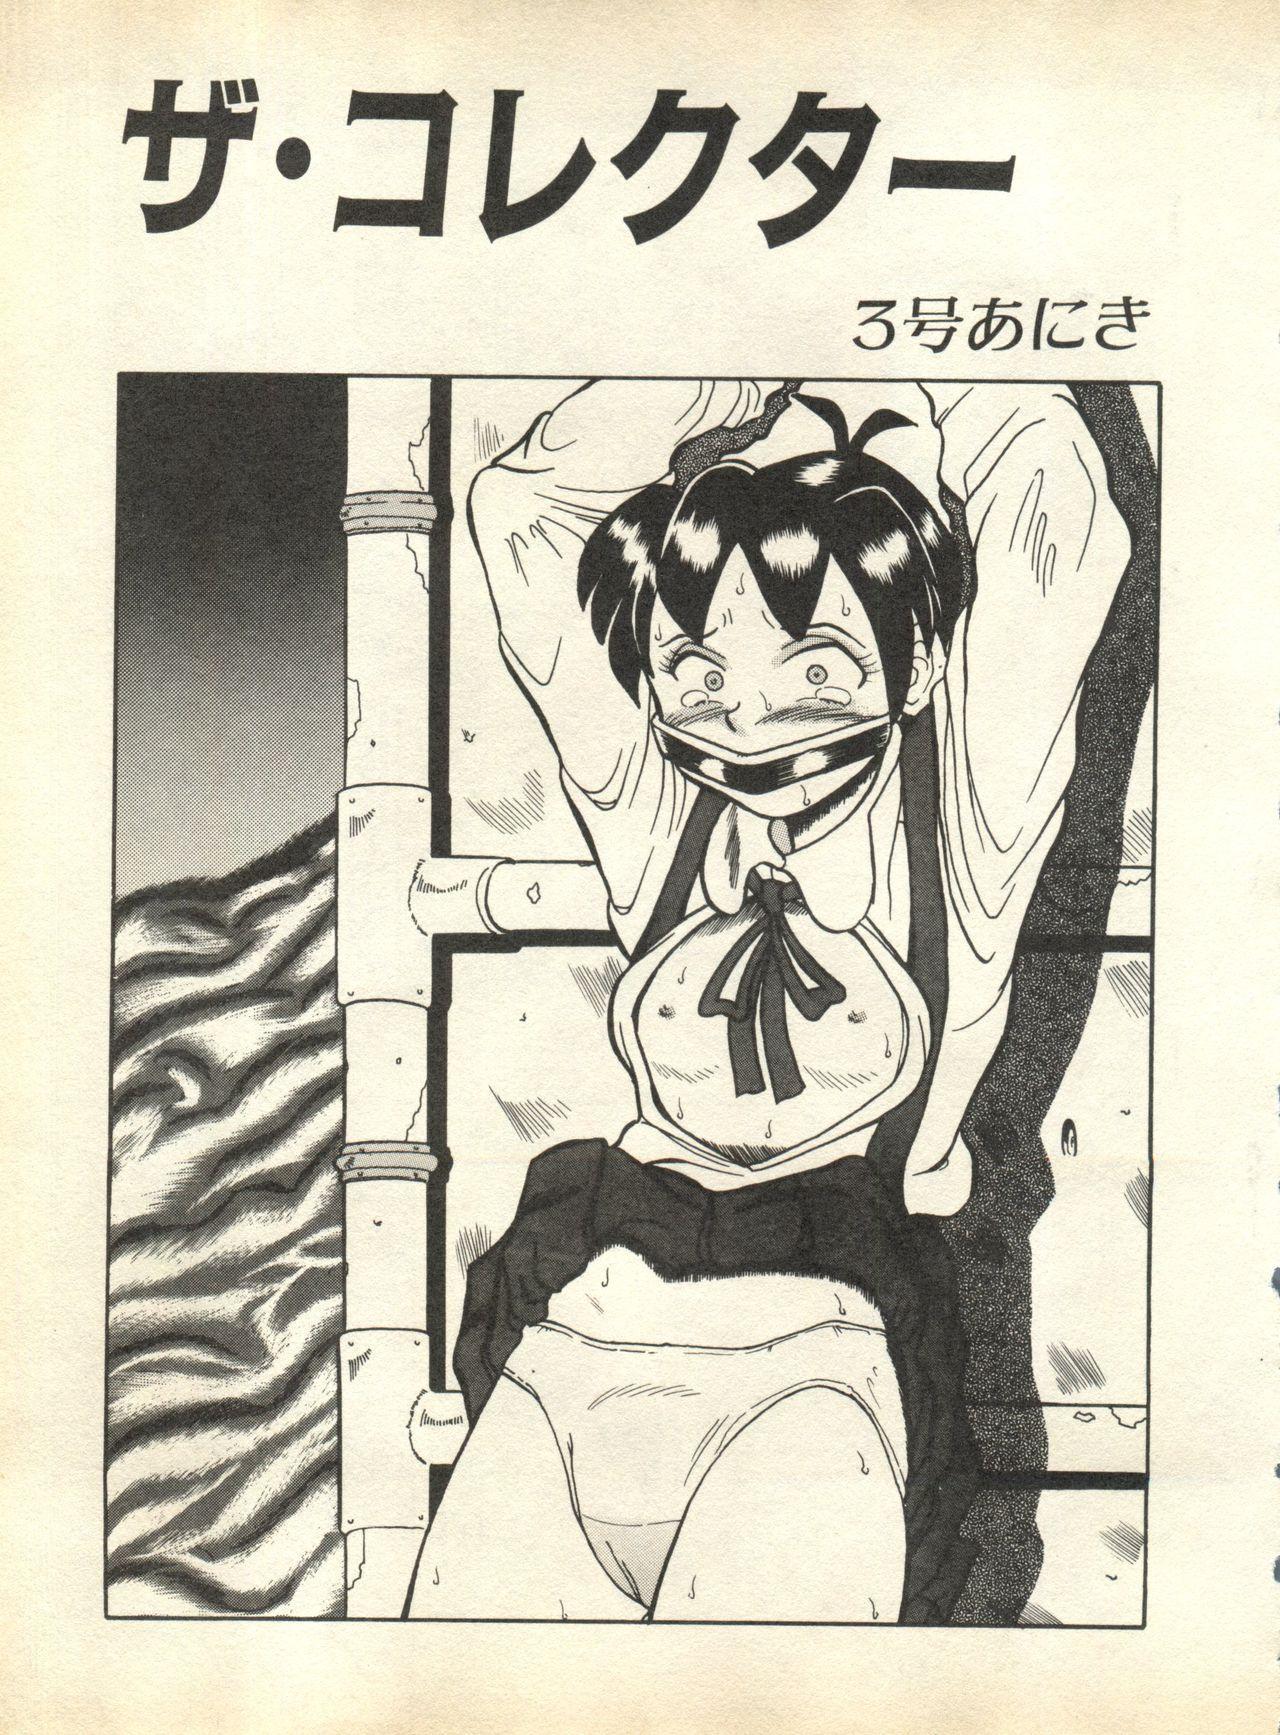 Pai;kuu 1998 October Vol. 13 230